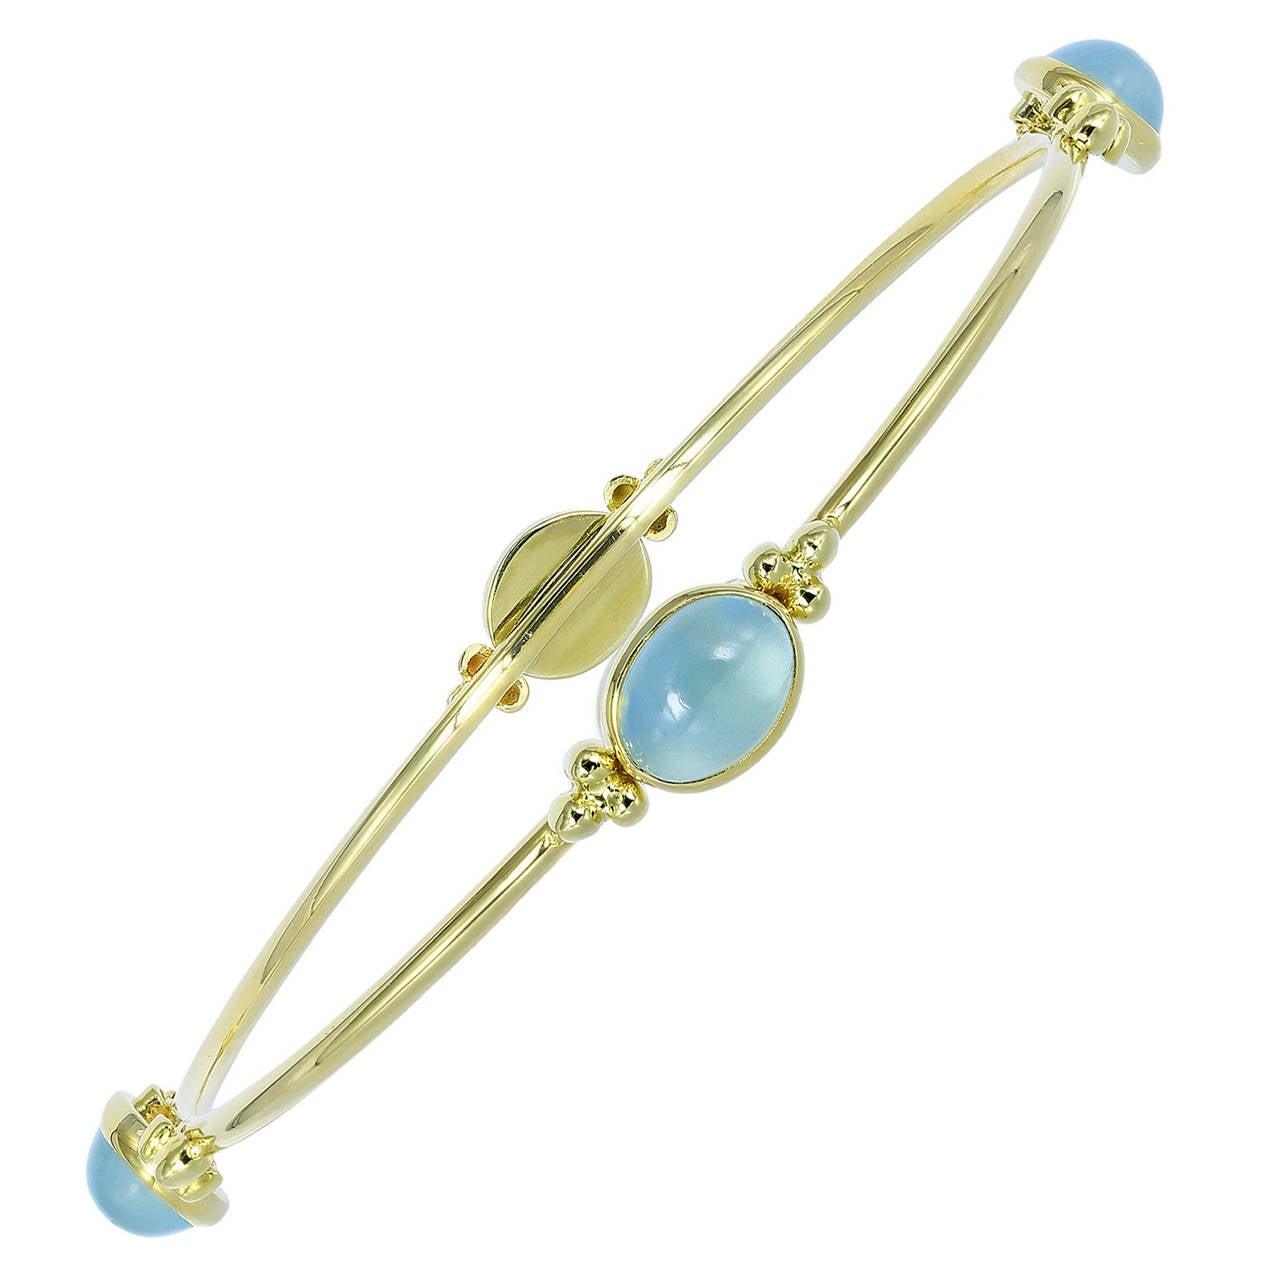 Aquamarine and Gold Bangle Bracelet